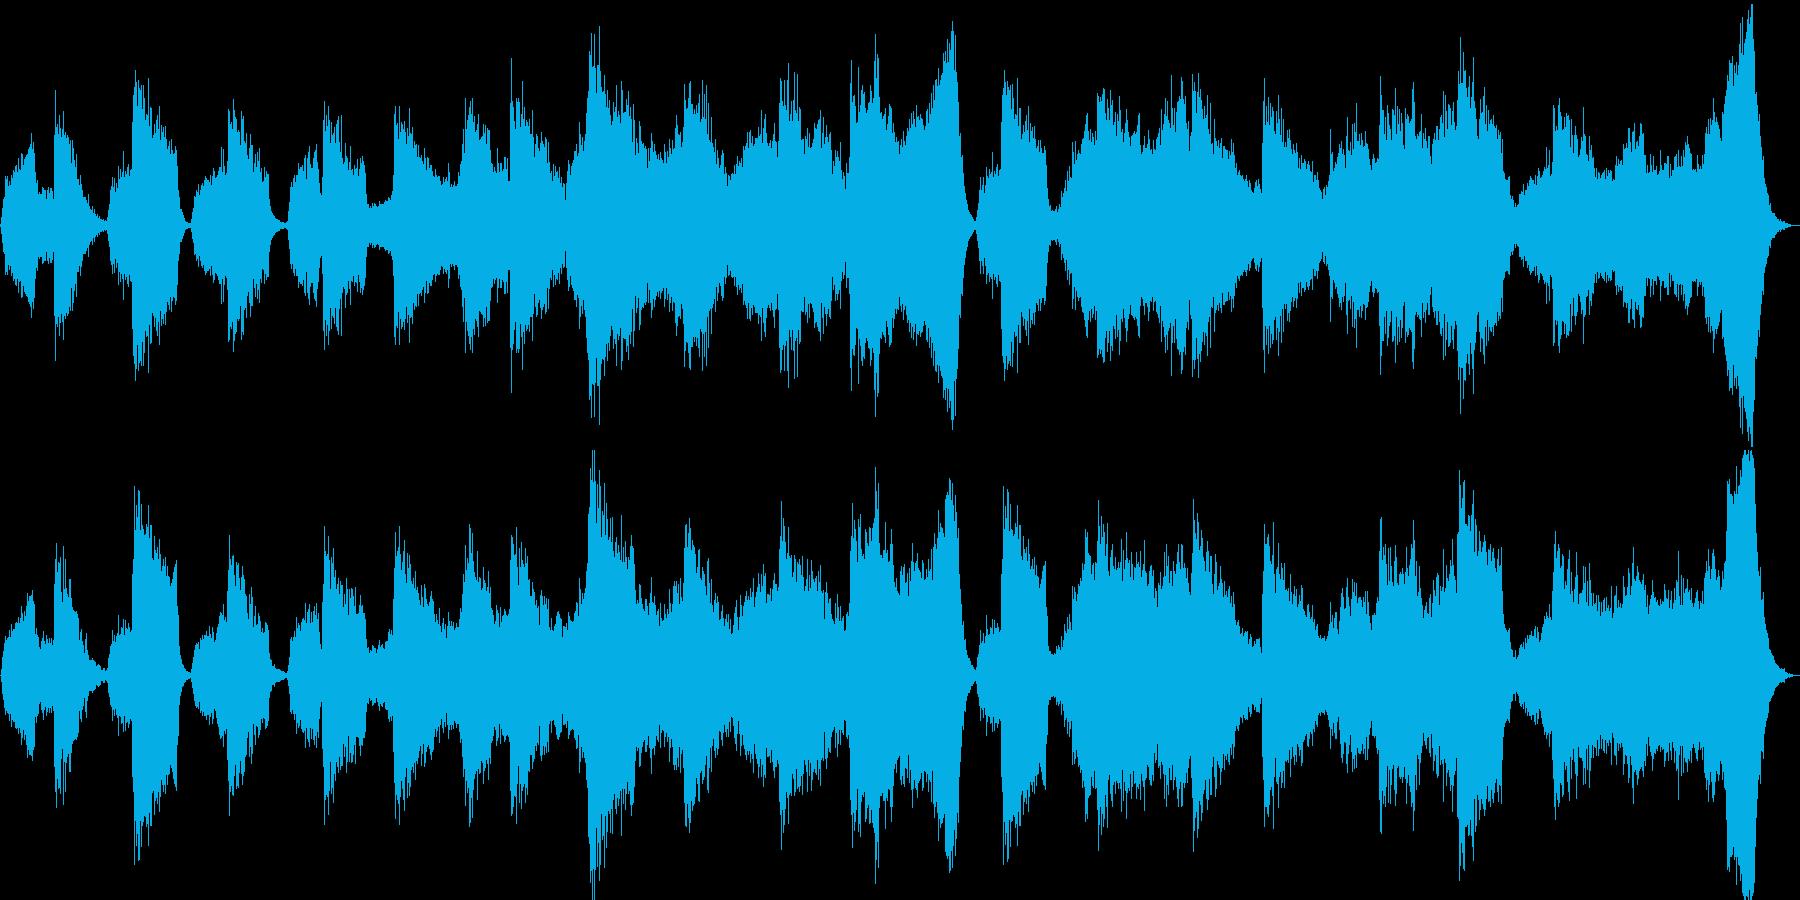 暗く不吉なサスペンス風サウンドの再生済みの波形